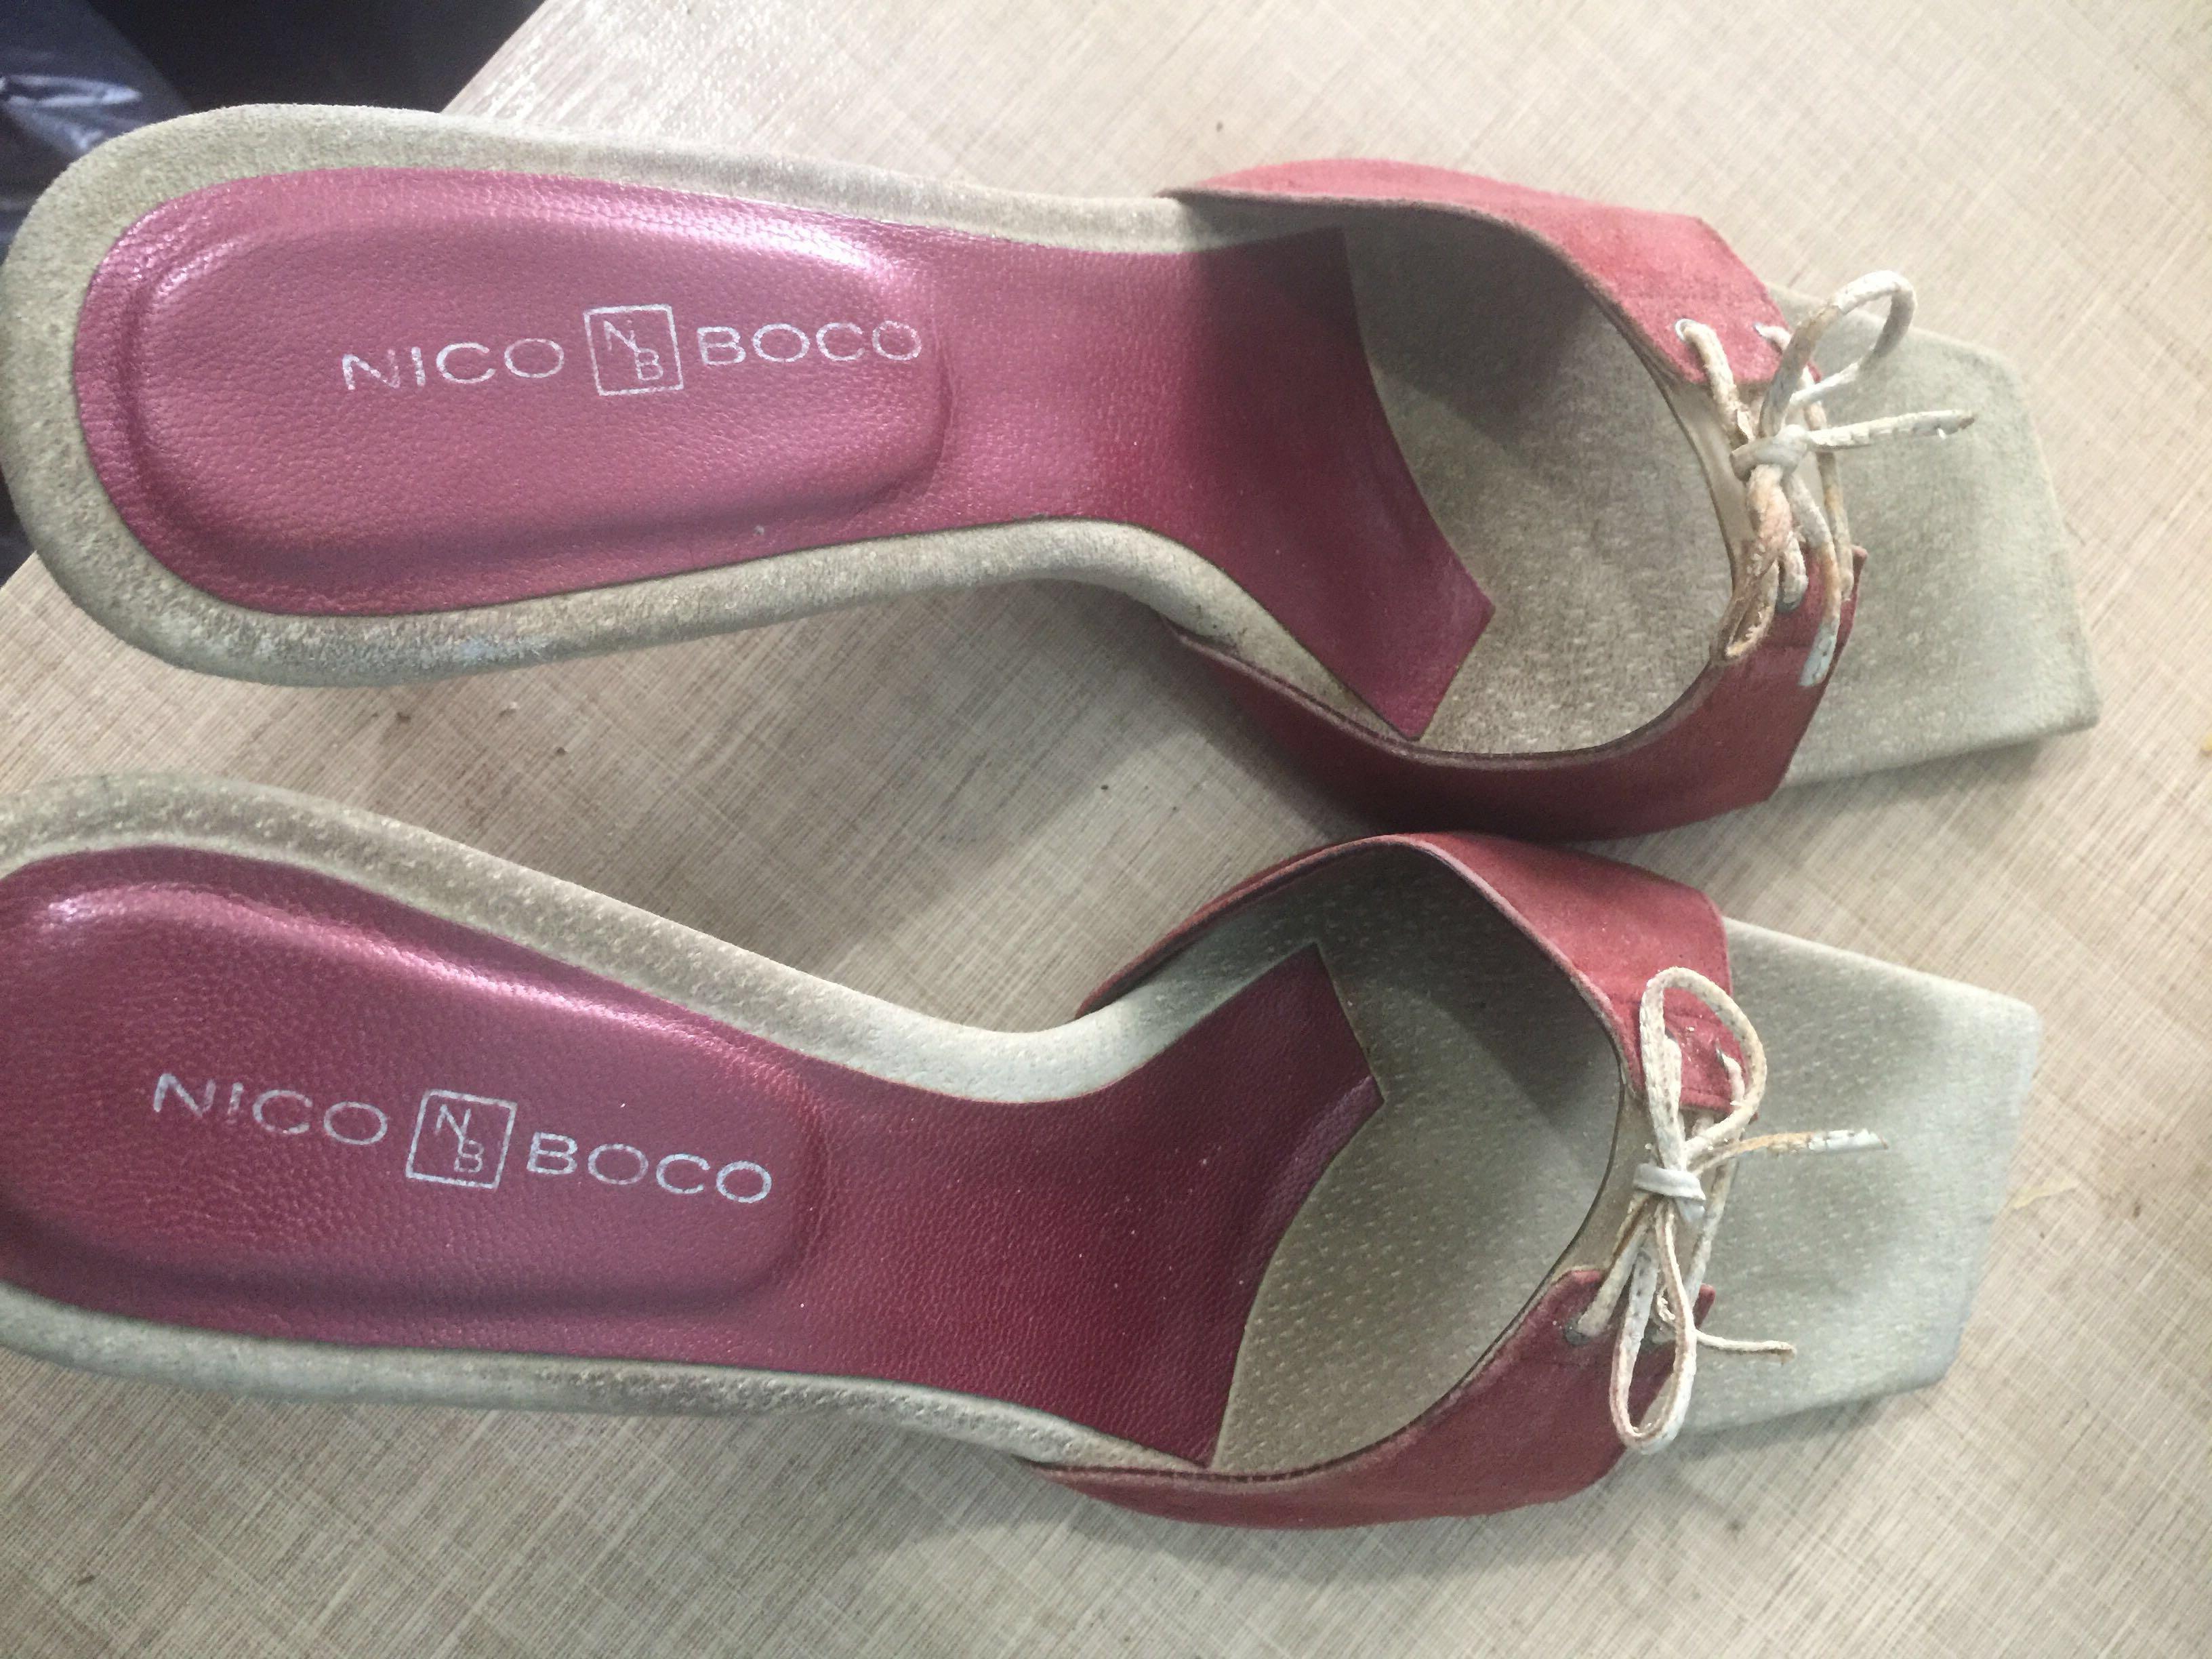 NICOBOCO Shoes